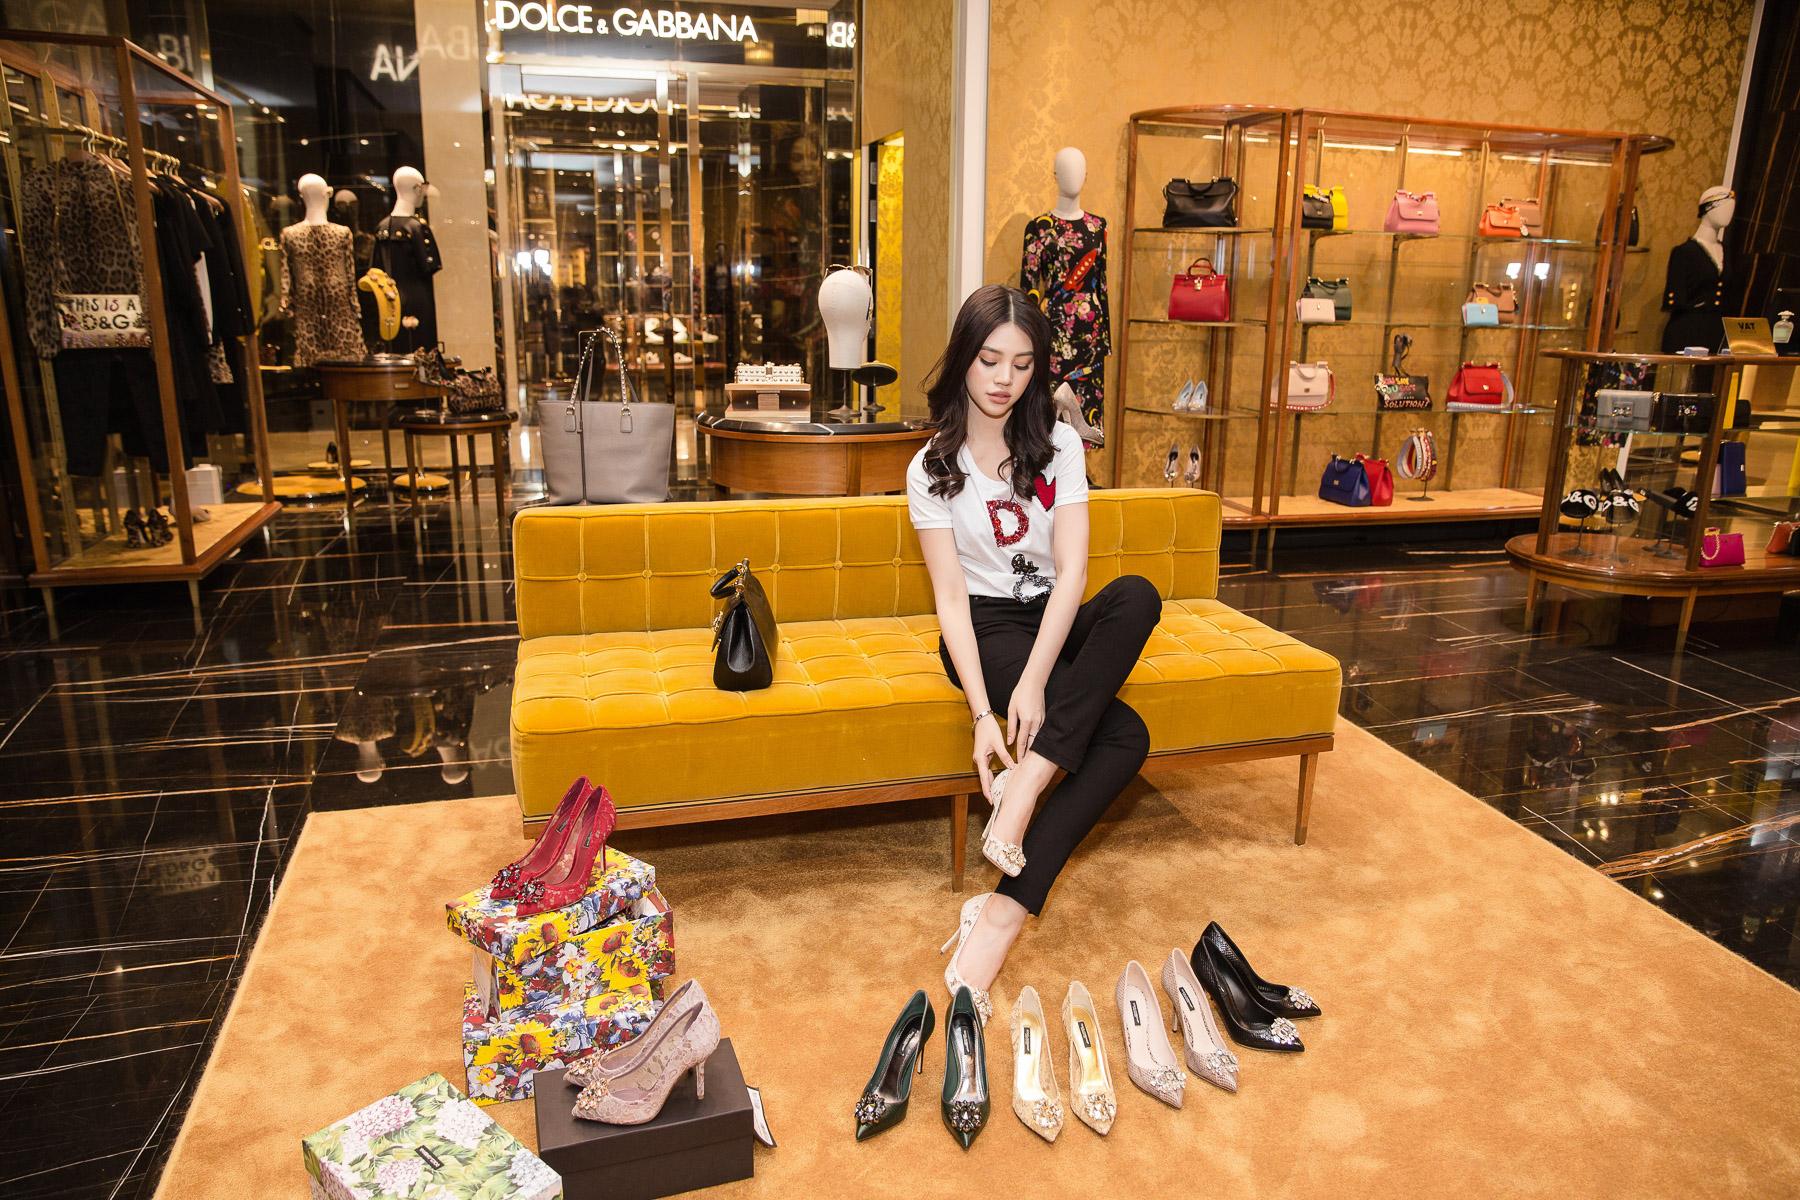 Hoa hậu Jolie Nguyễn say đắm trong những thiết kế giày cao gót Lace của Dolce & Gabbana